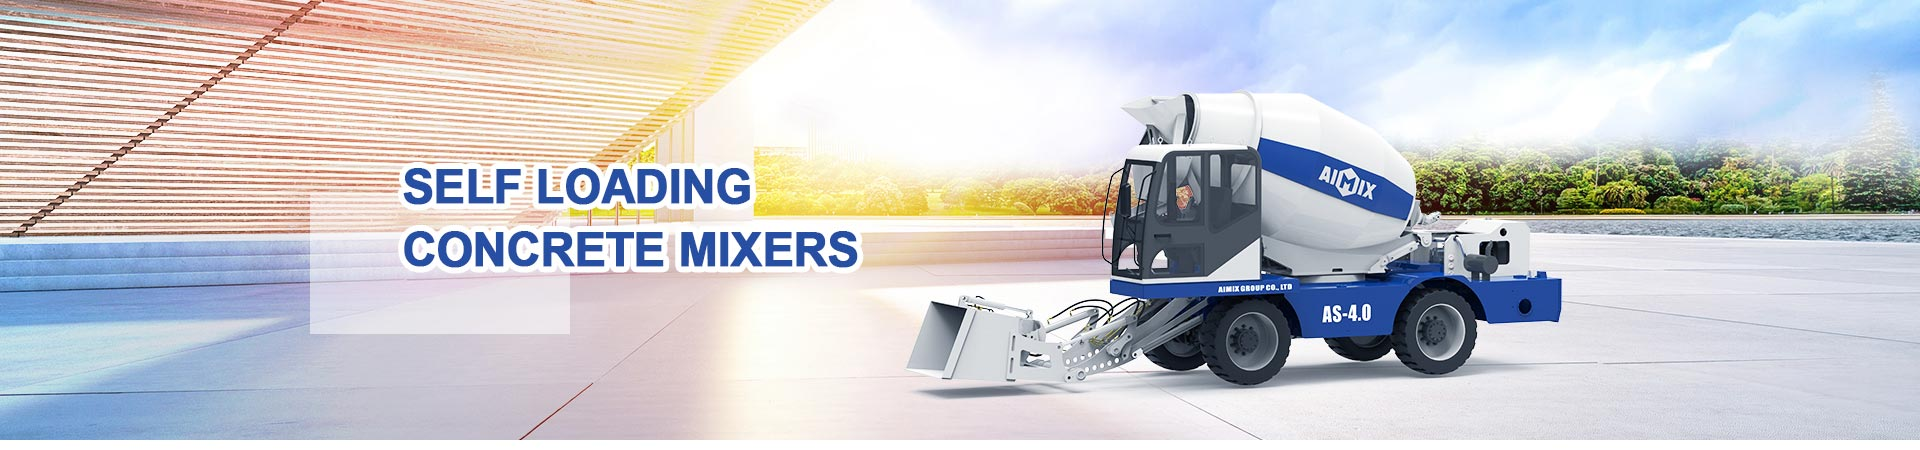 Misturadores de concreto de carregamento automático - com o melhor preço de misturador móvel de carregamento automático